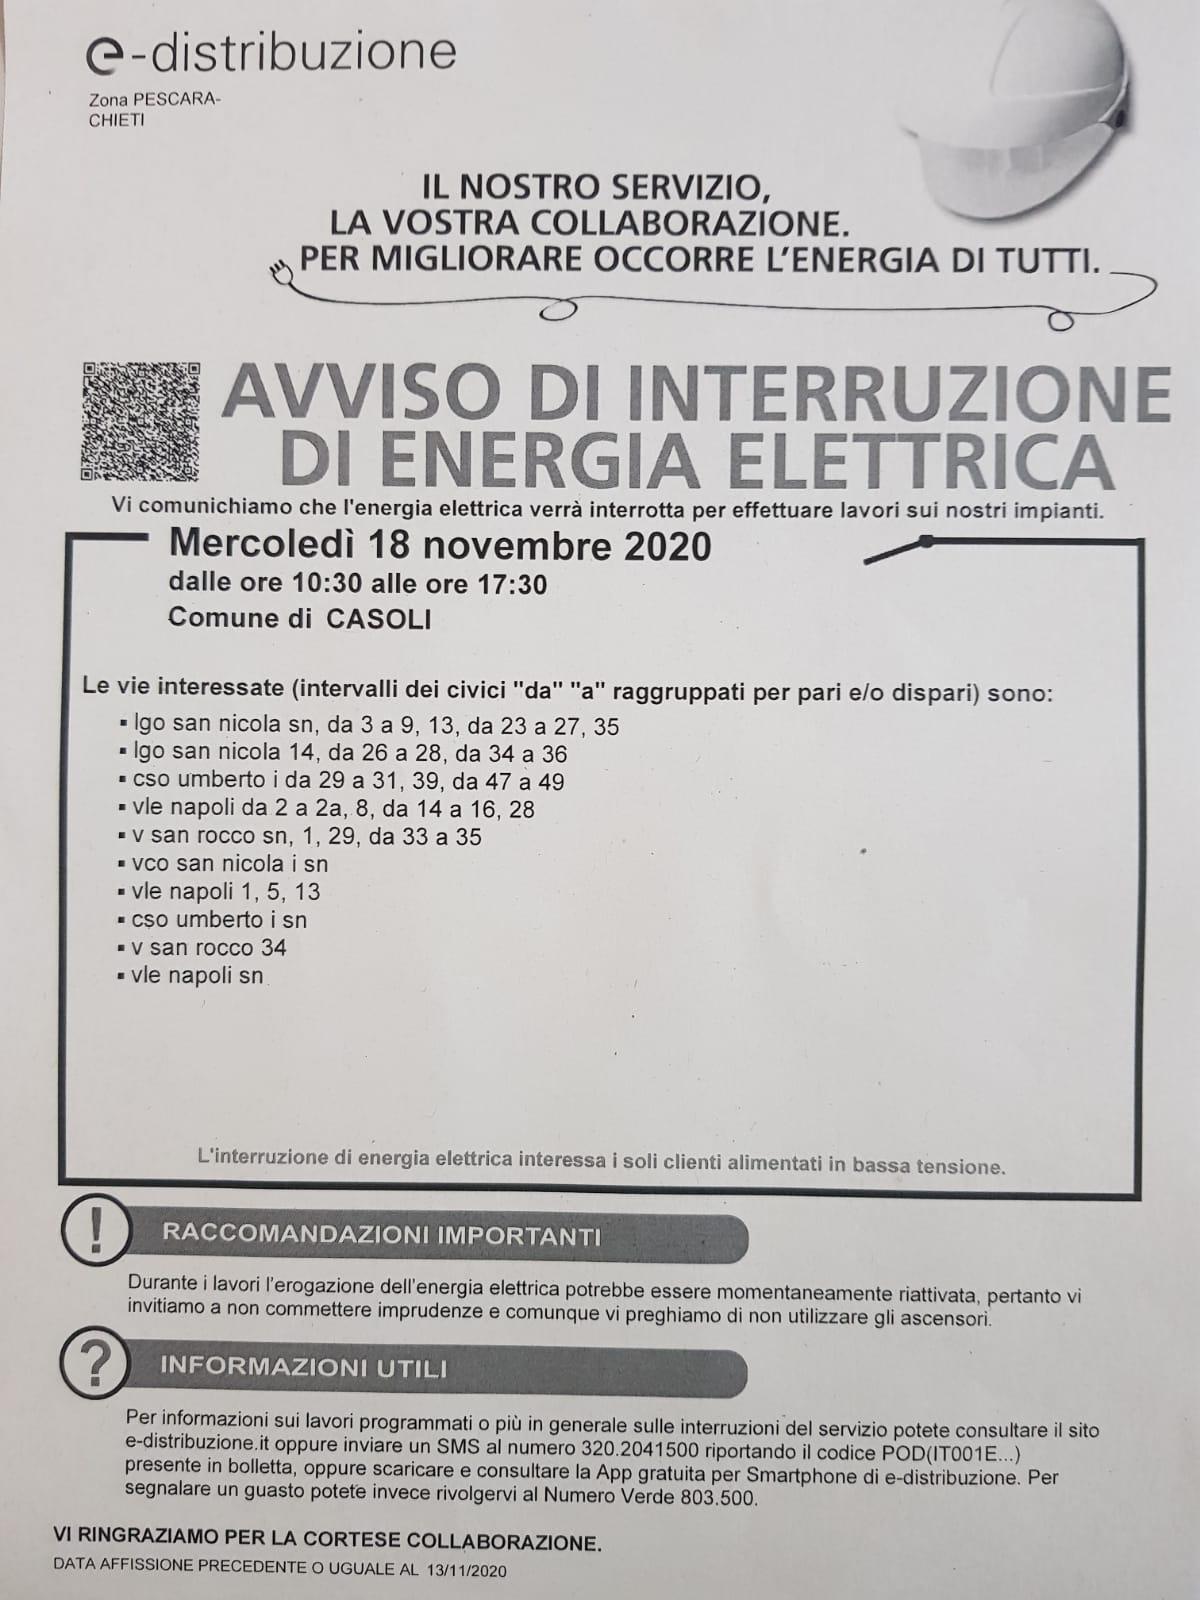 Interruzione energia elettrica nel giorno 18 novembre